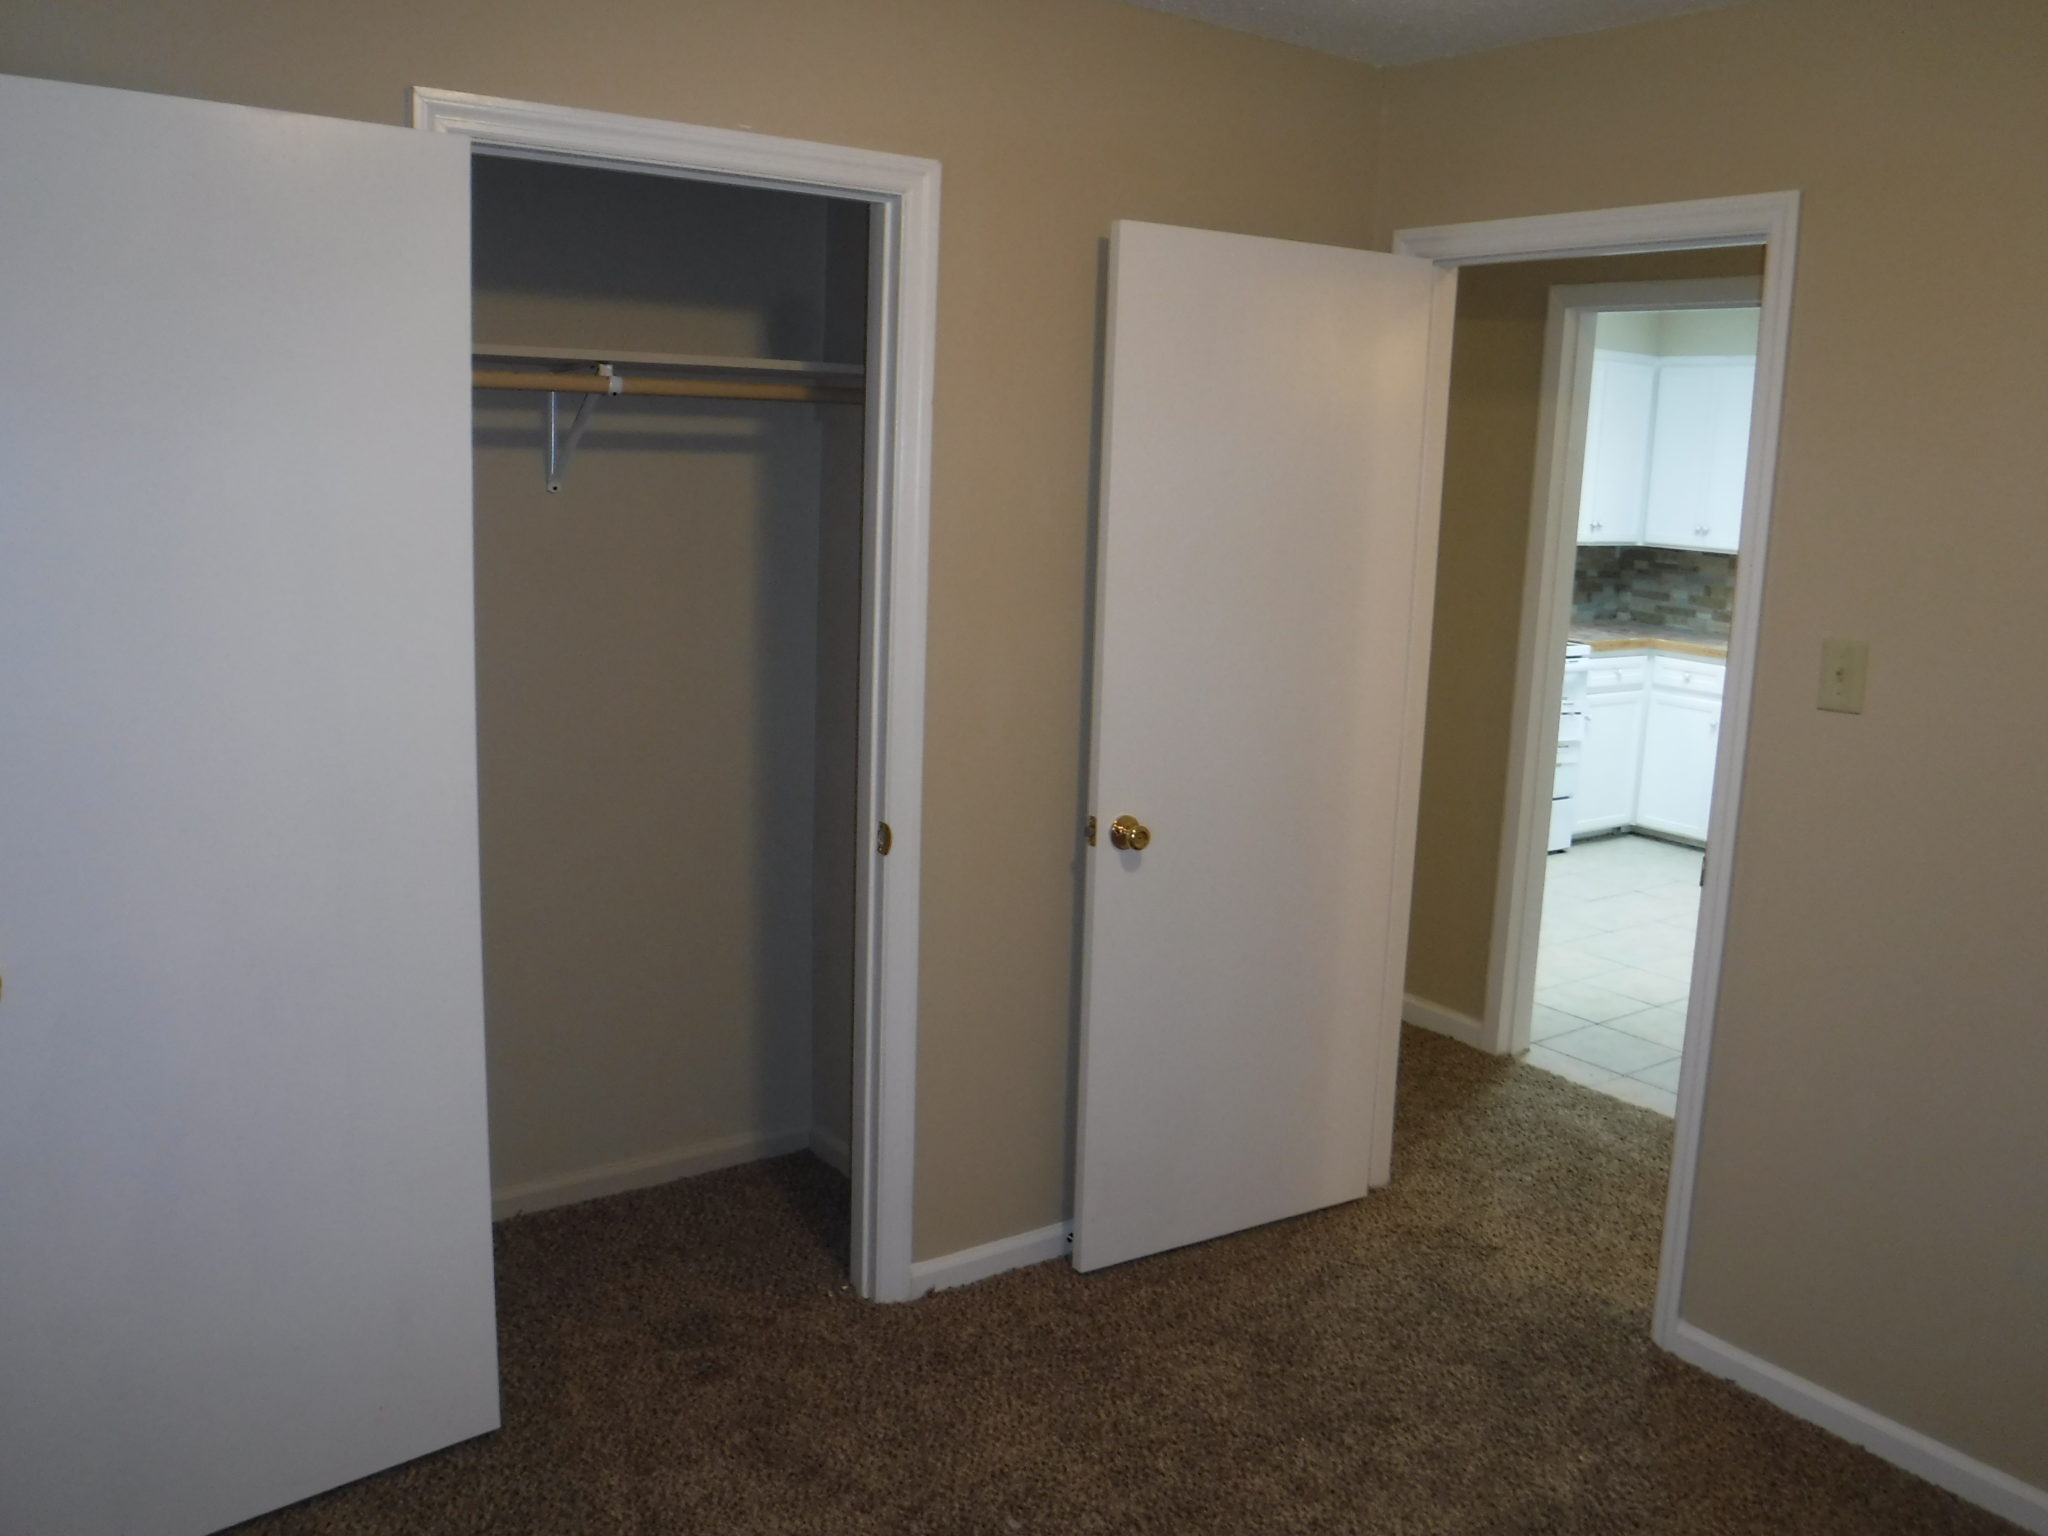 10 X 11 Bedroom 2 With Closet And Door To Hallway